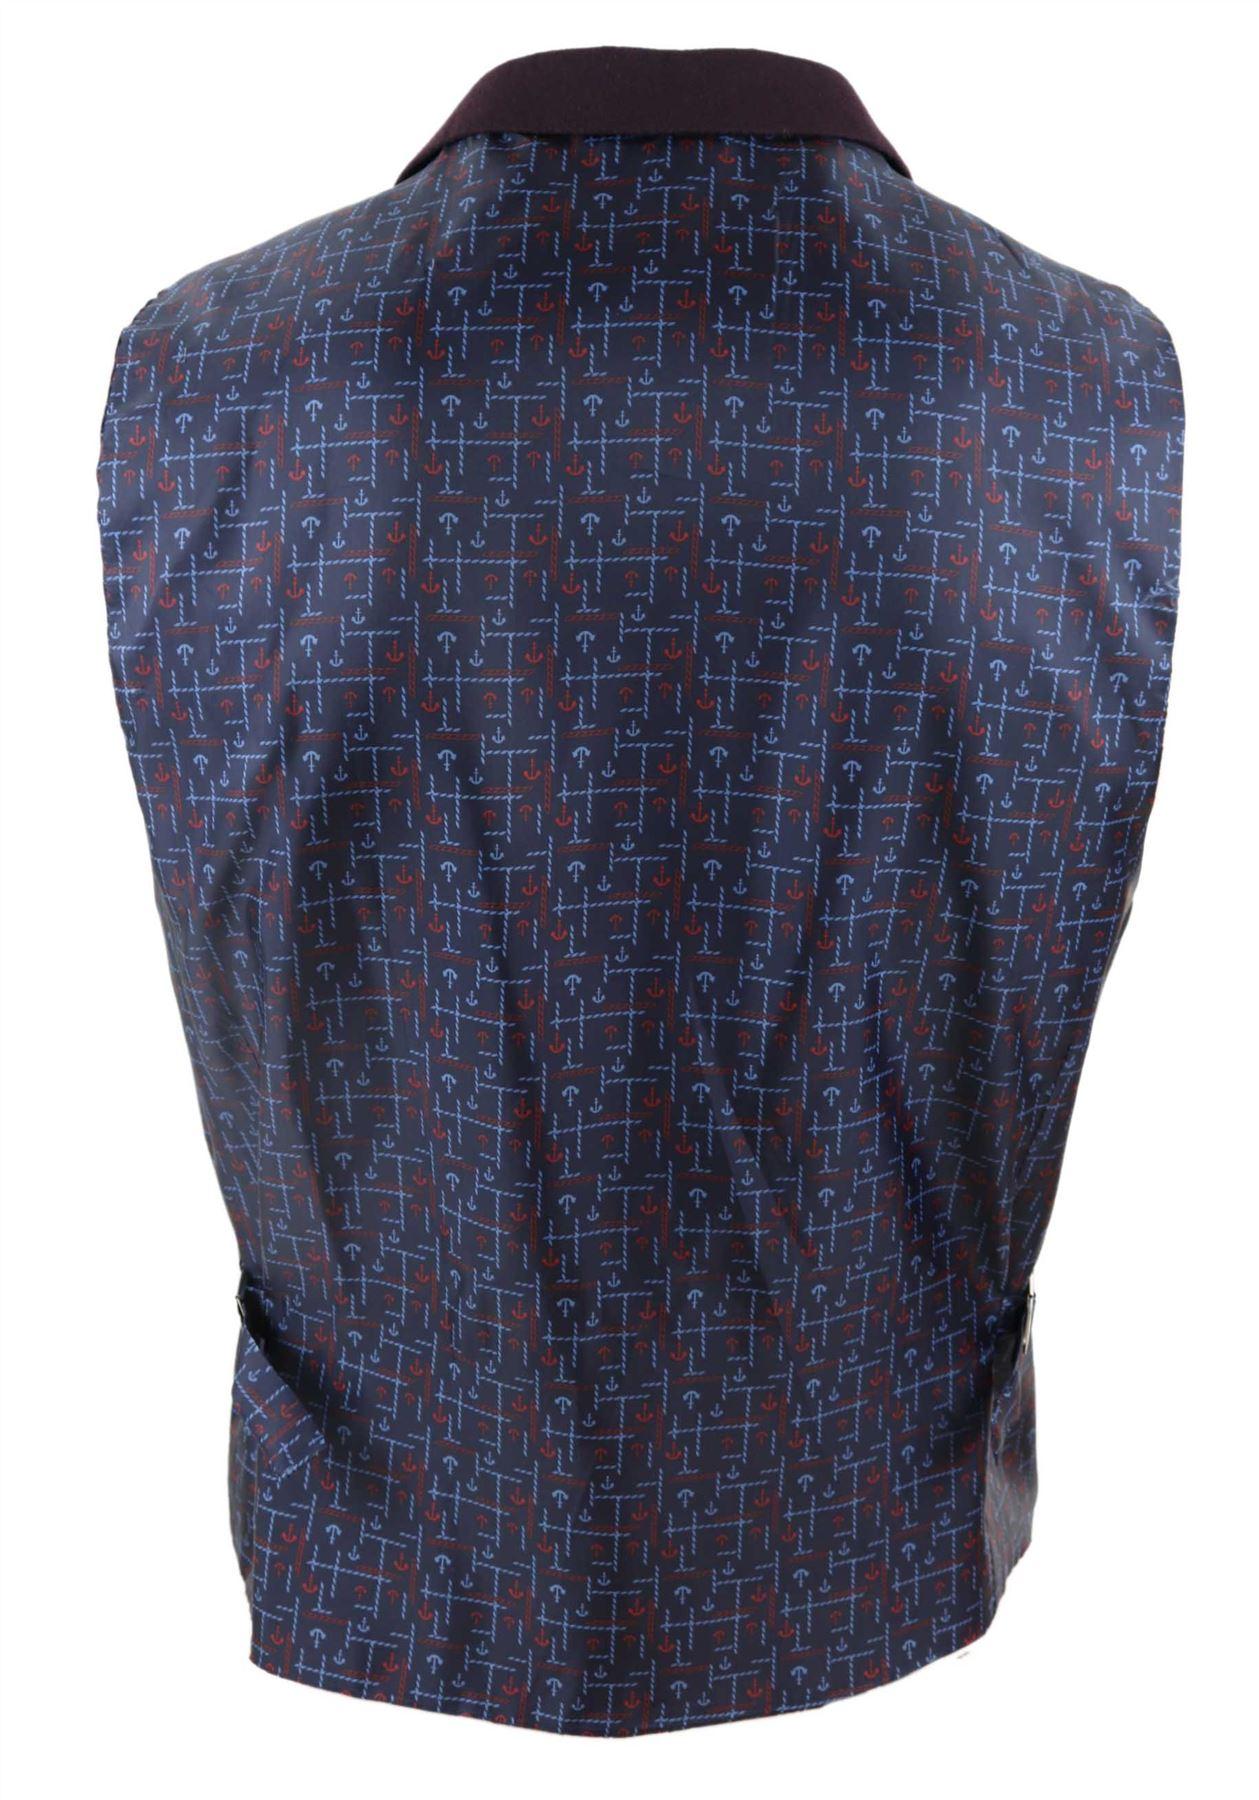 Mens-Waistcoat-Tweed-Check-Classic-Peaky-Blinders-Tailored-Fit-Vintage miniatuur 5